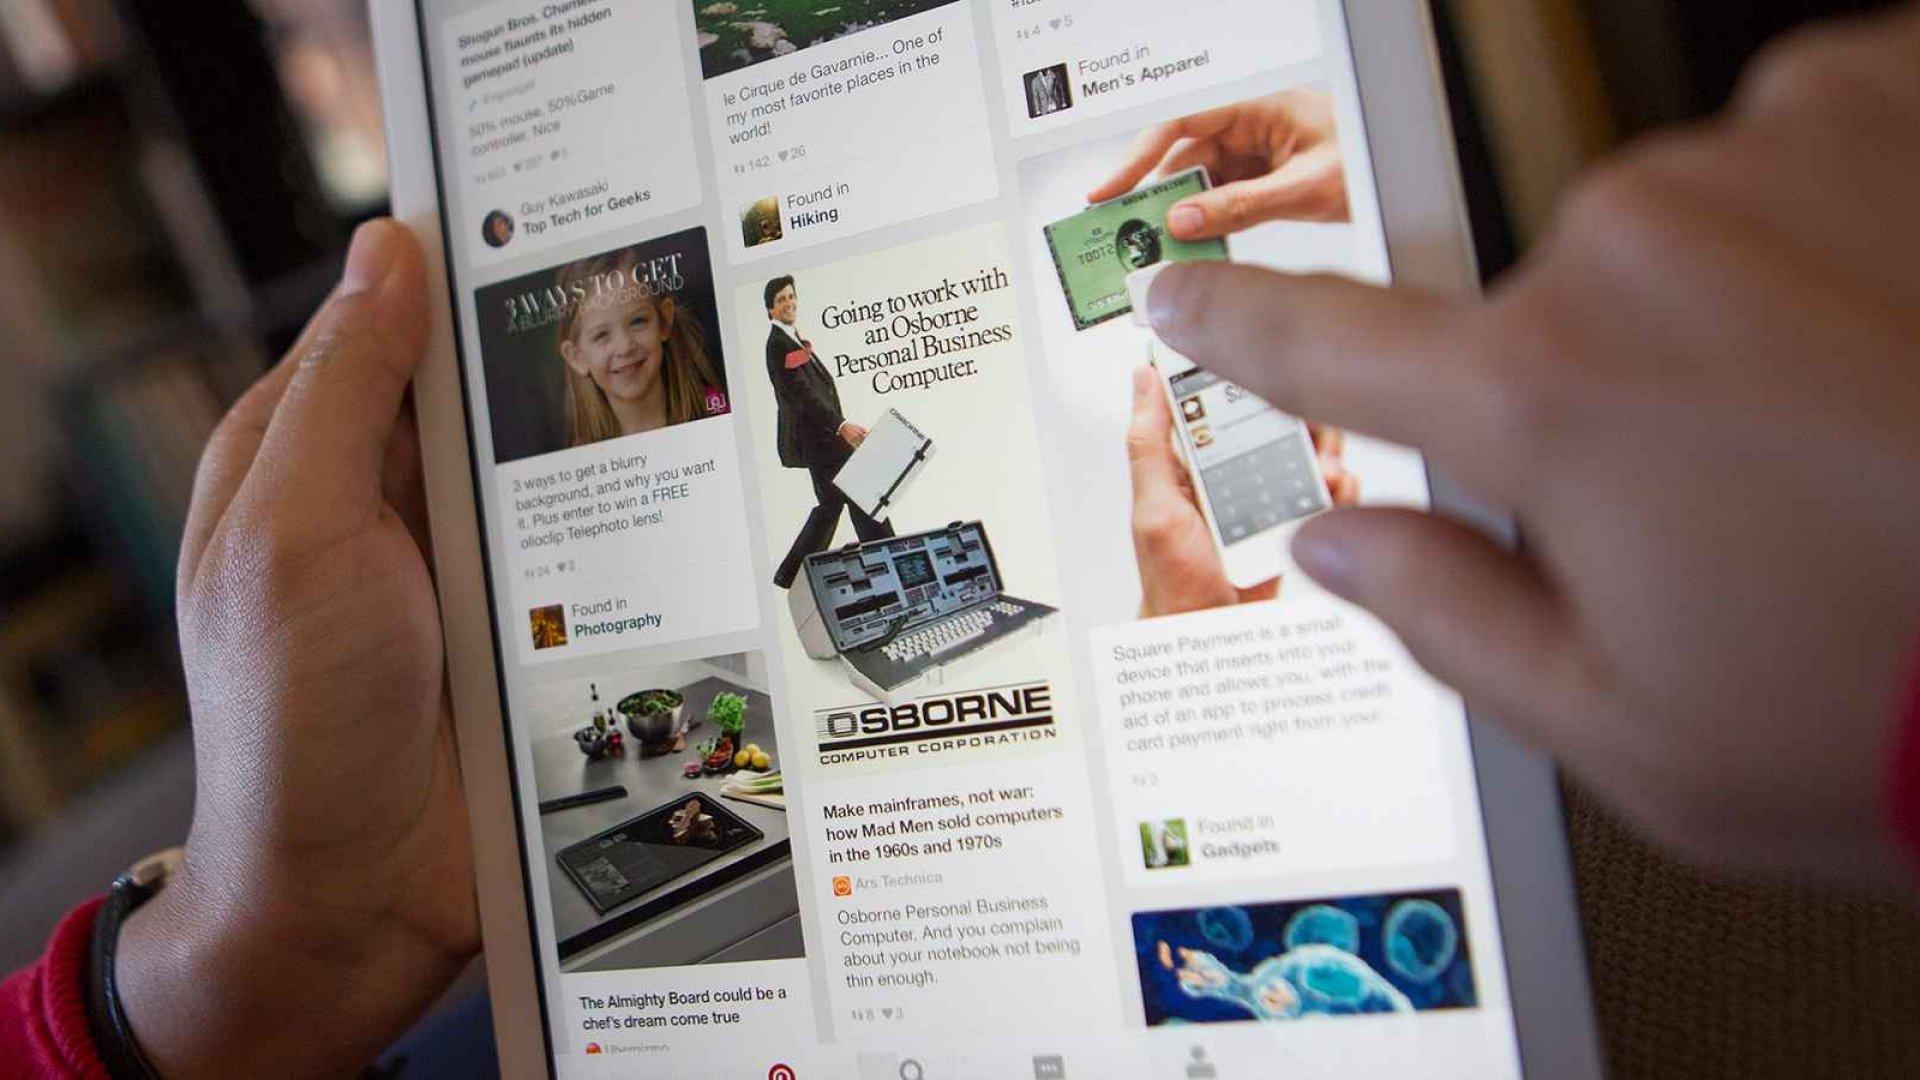 Pinterest Raises $150 Million at a $12 Billion Valuation